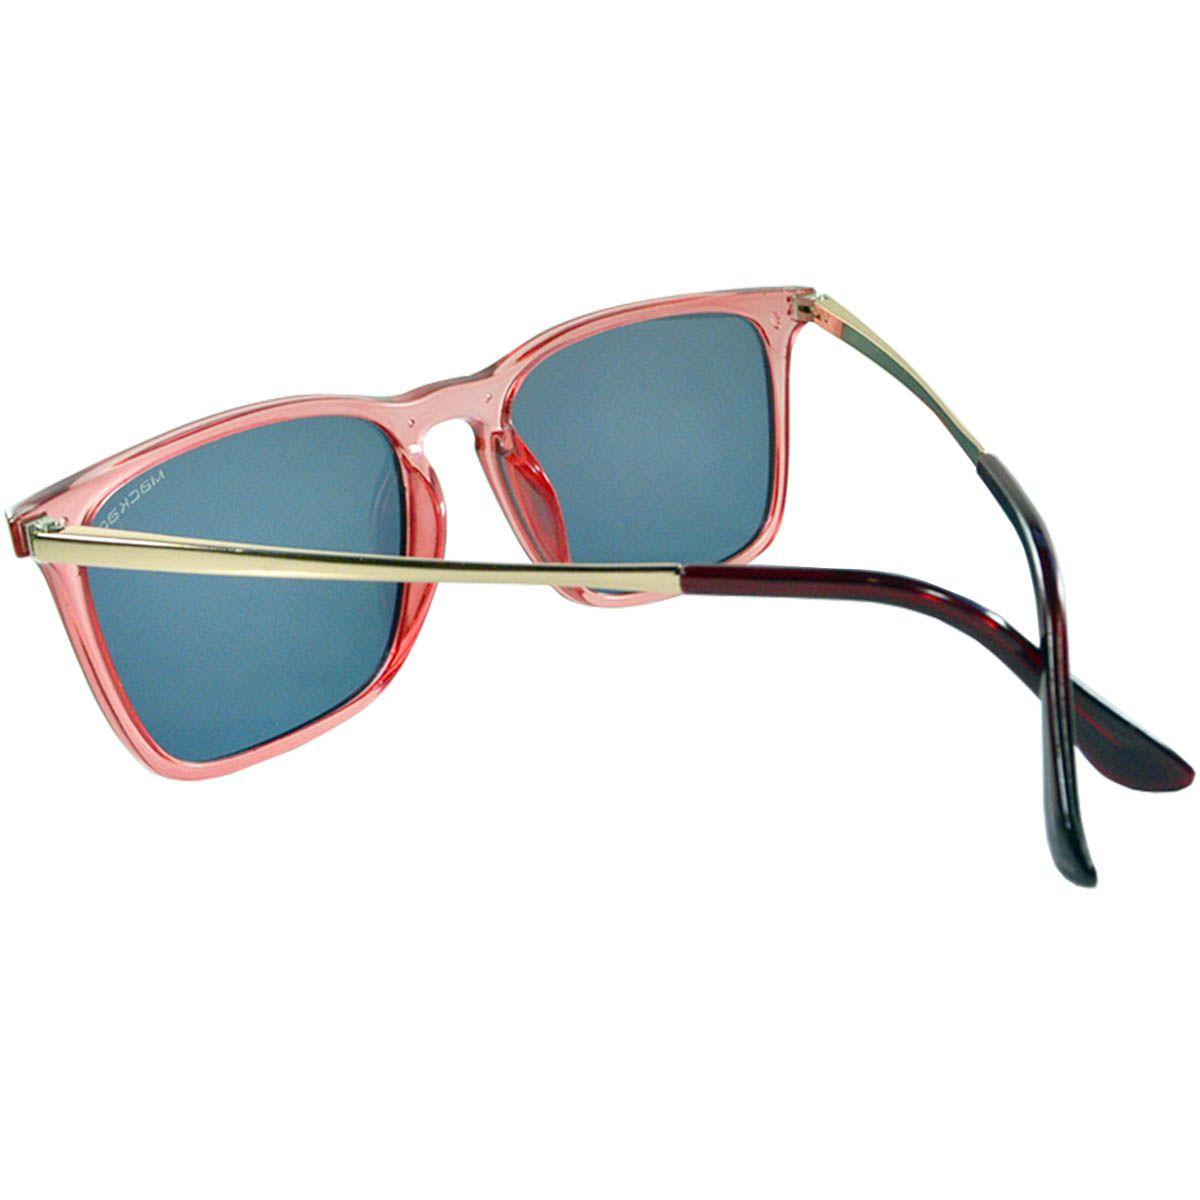 Óculos de Sol Feminino Mackage MK2144R Rosa